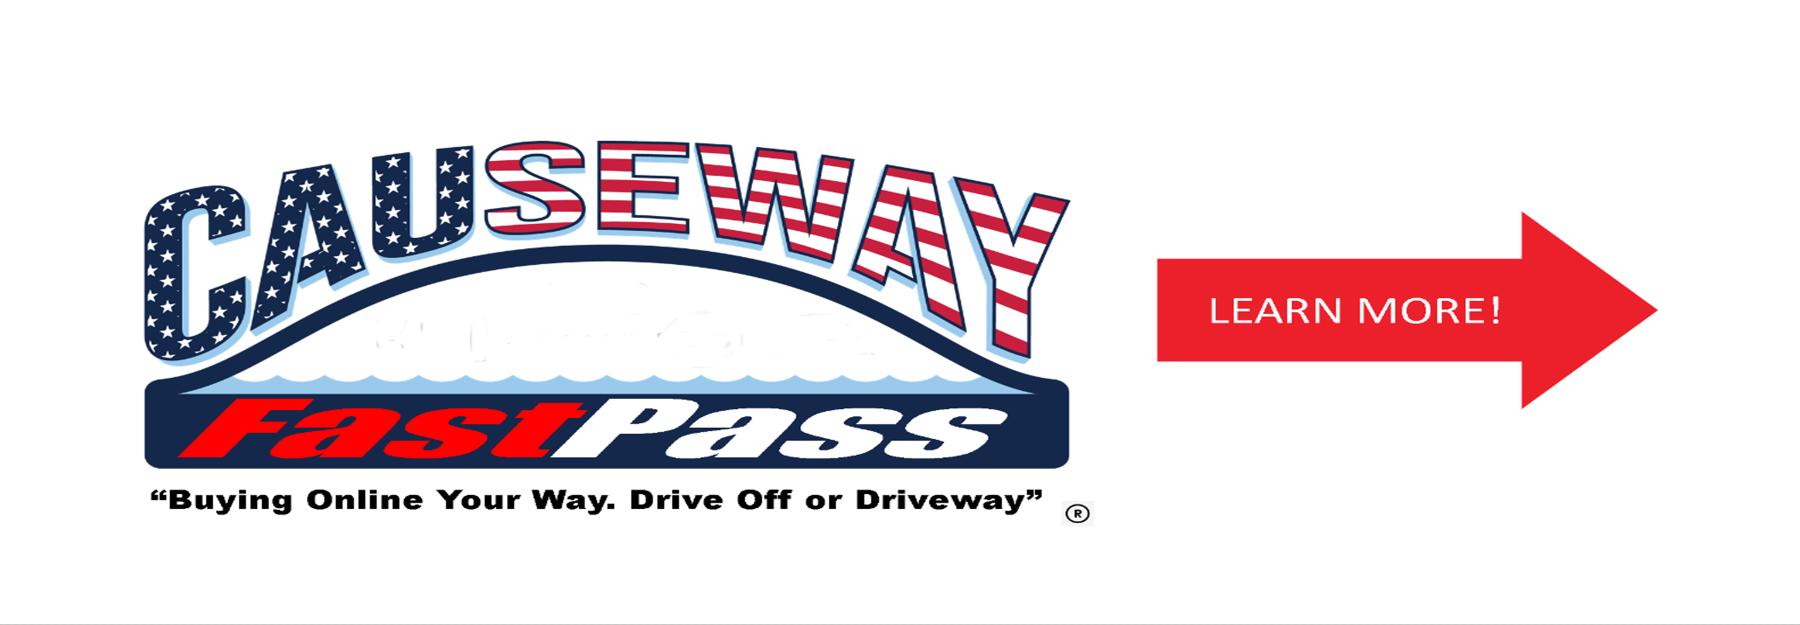 Causeway Nissan Fastpass